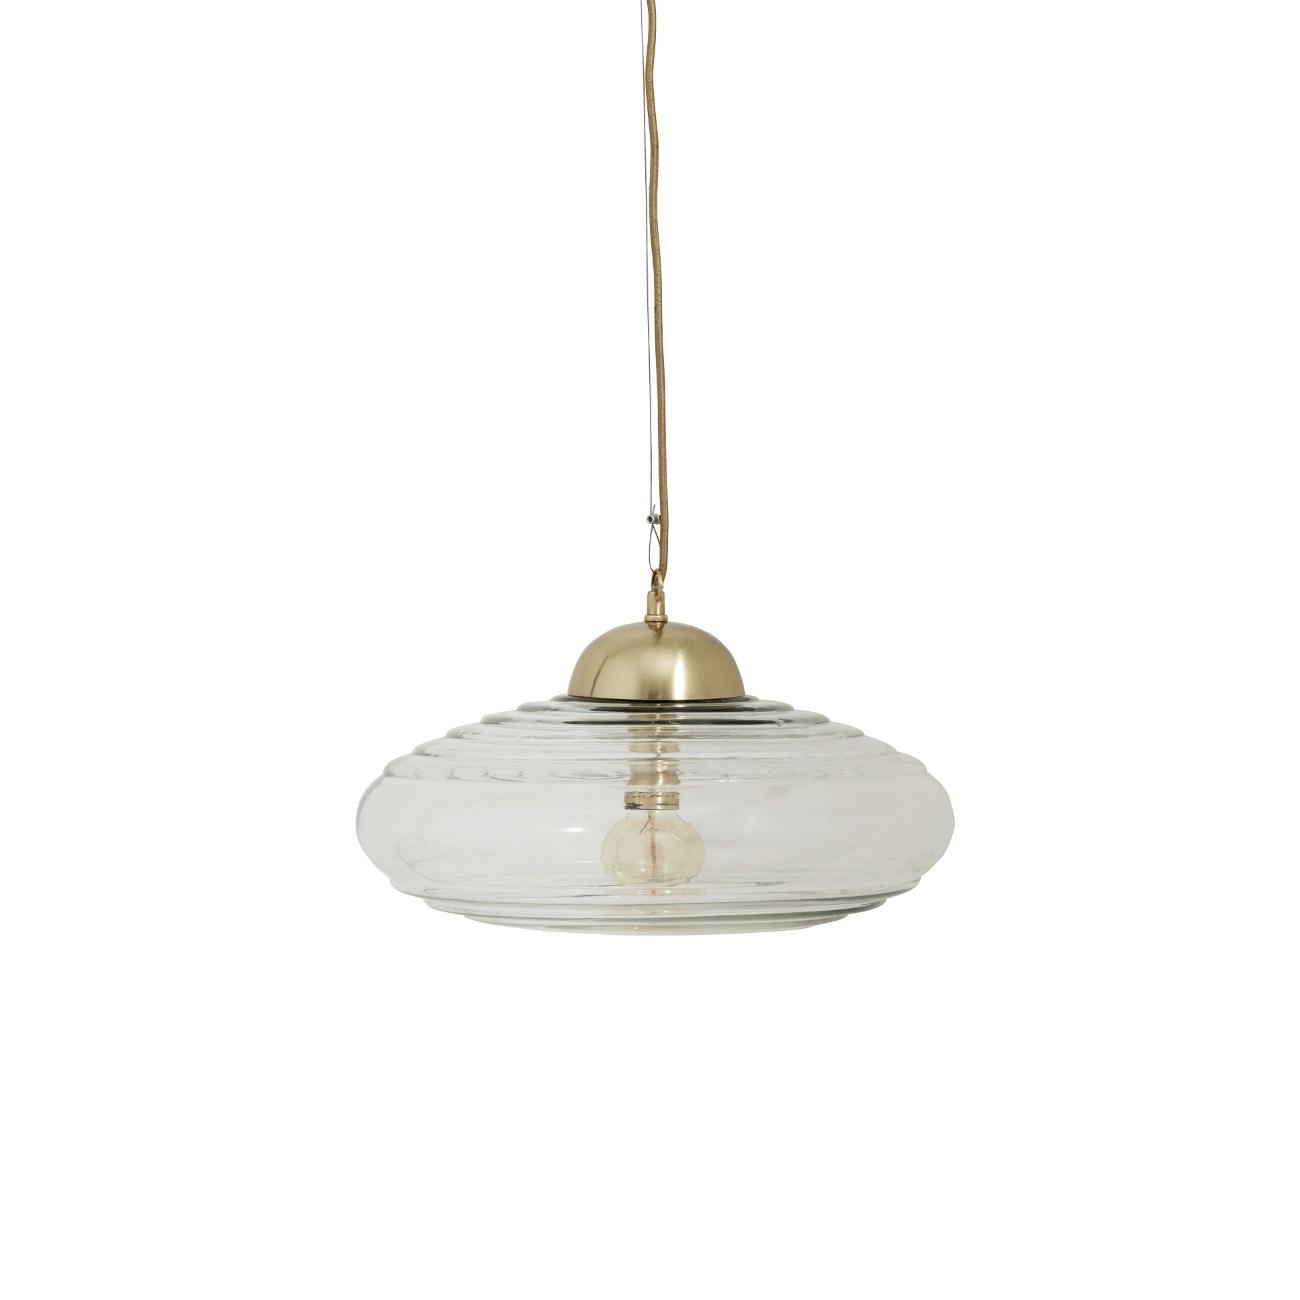 DISC stor vintage glaslampa, Nordal